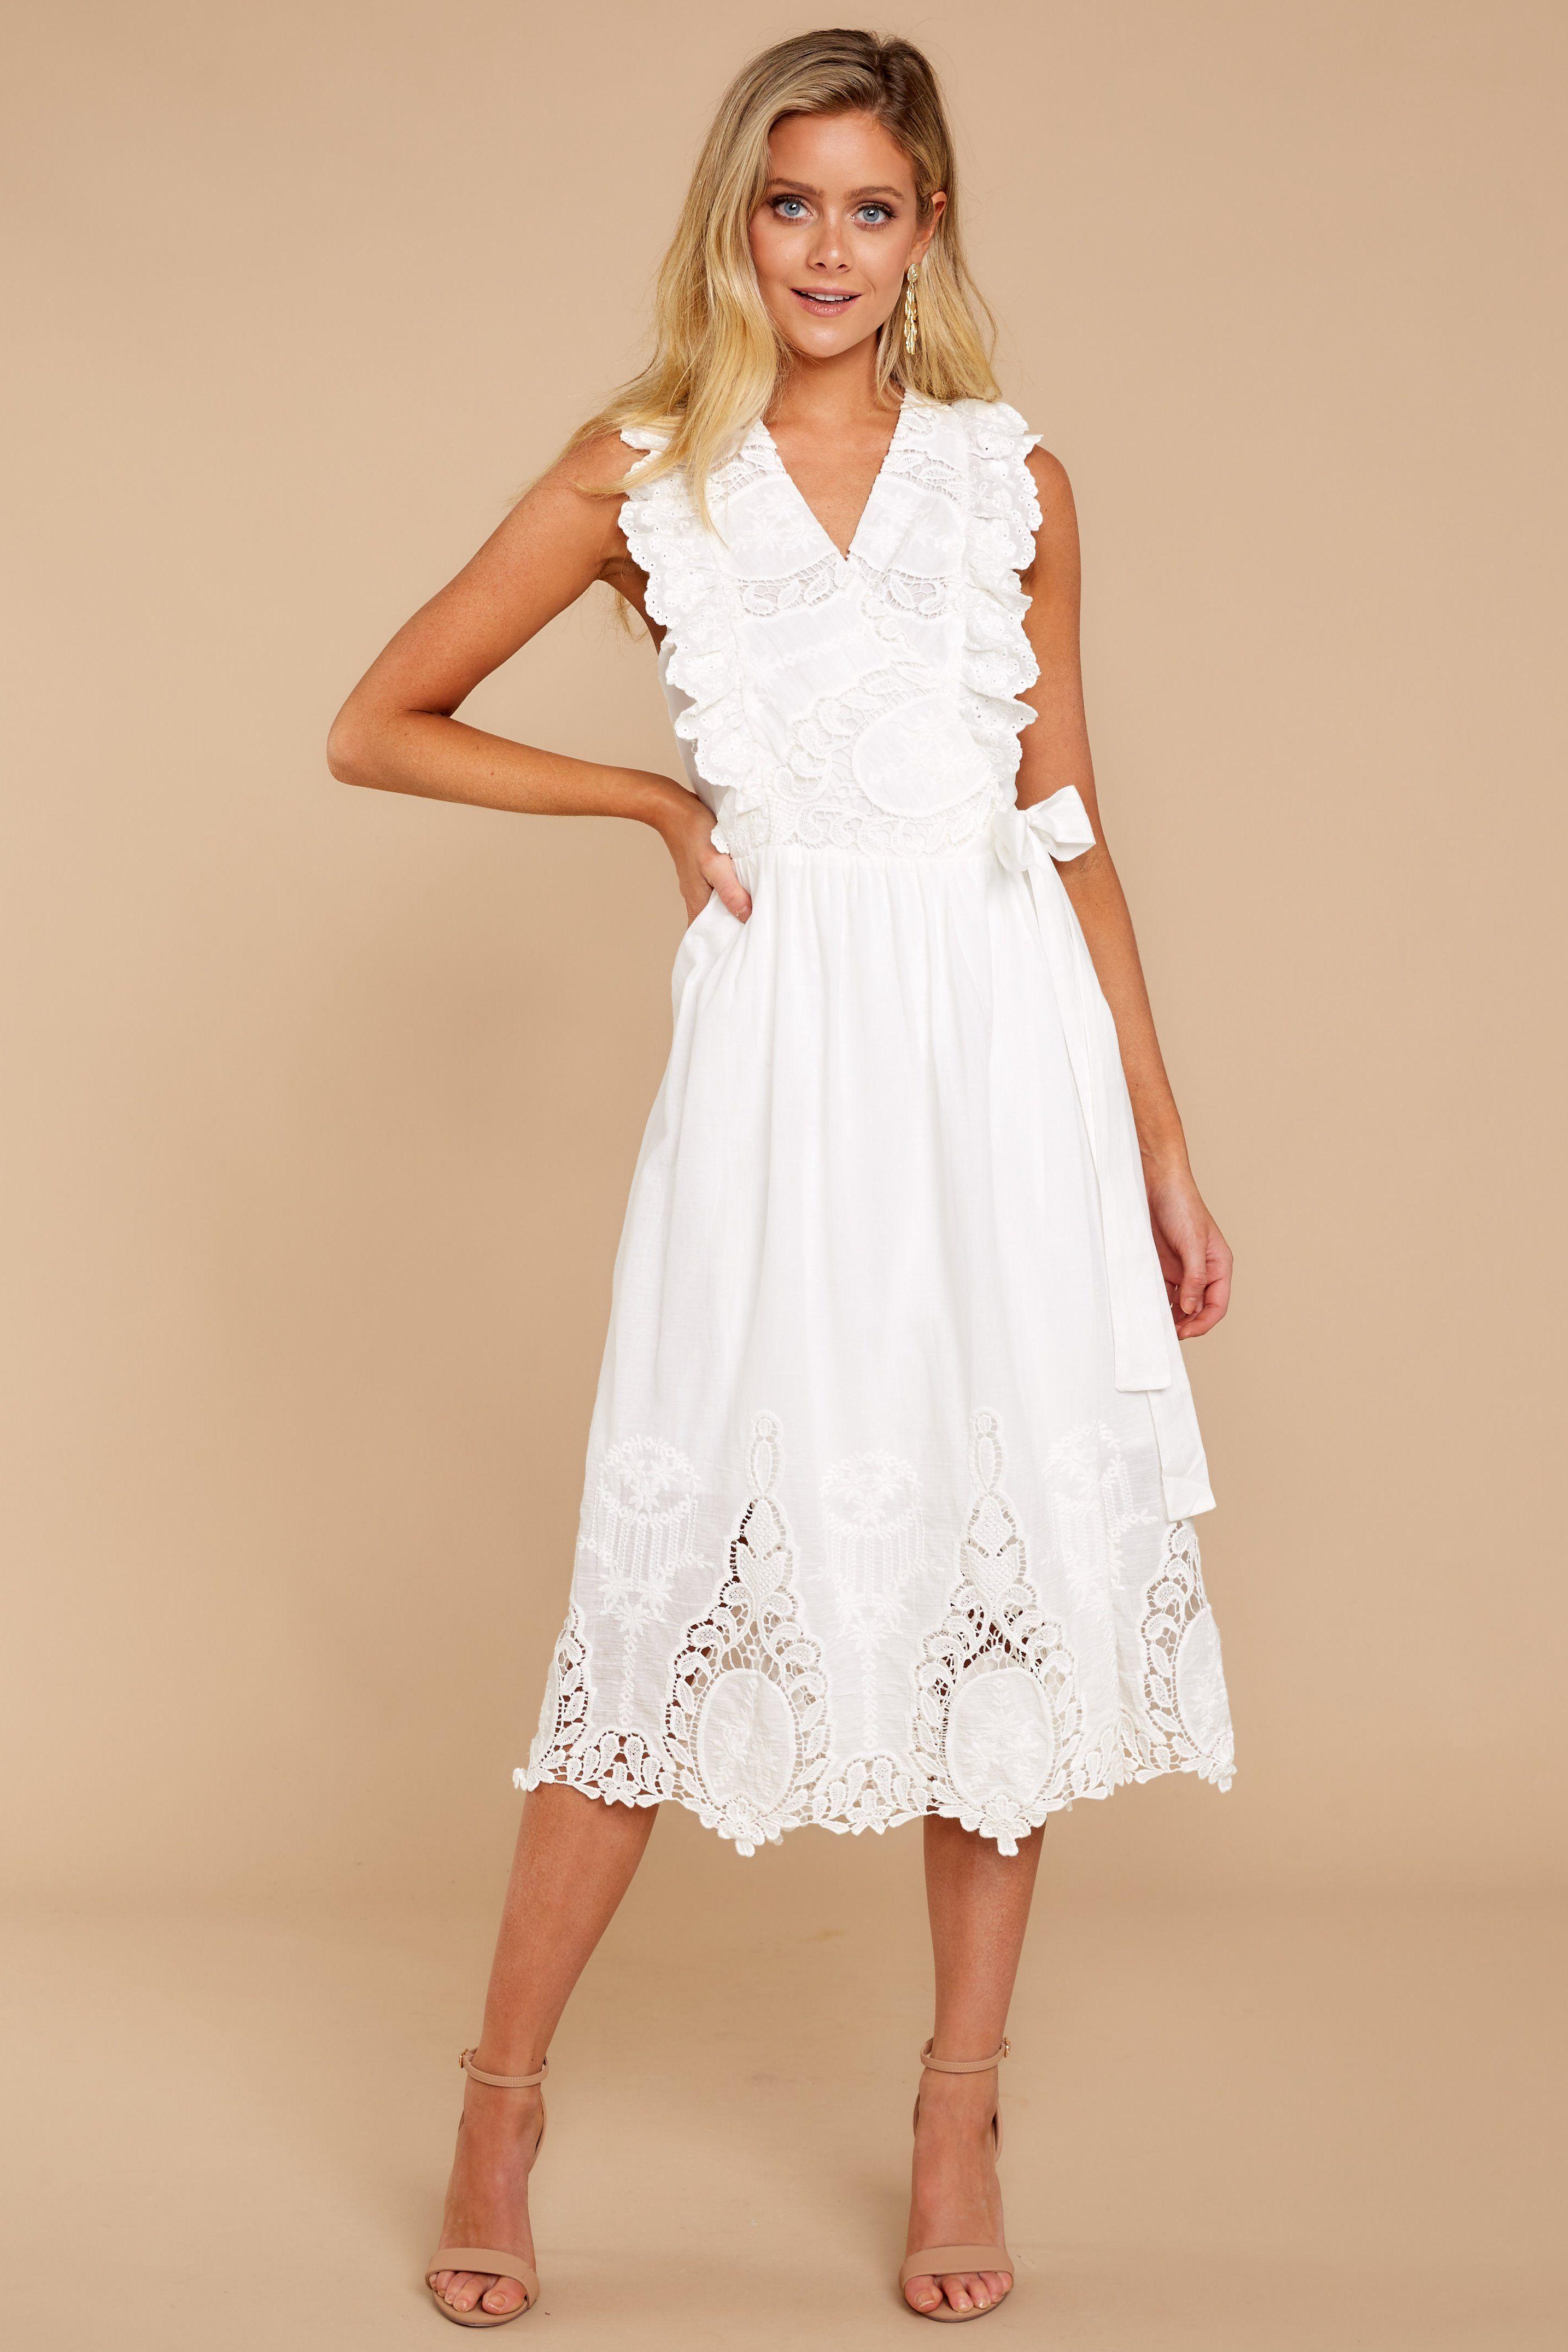 White Lace Midi Dress White Lace Midi Dress Red Dress Boutique Shop Red Dress [ 4302 x 2868 Pixel ]